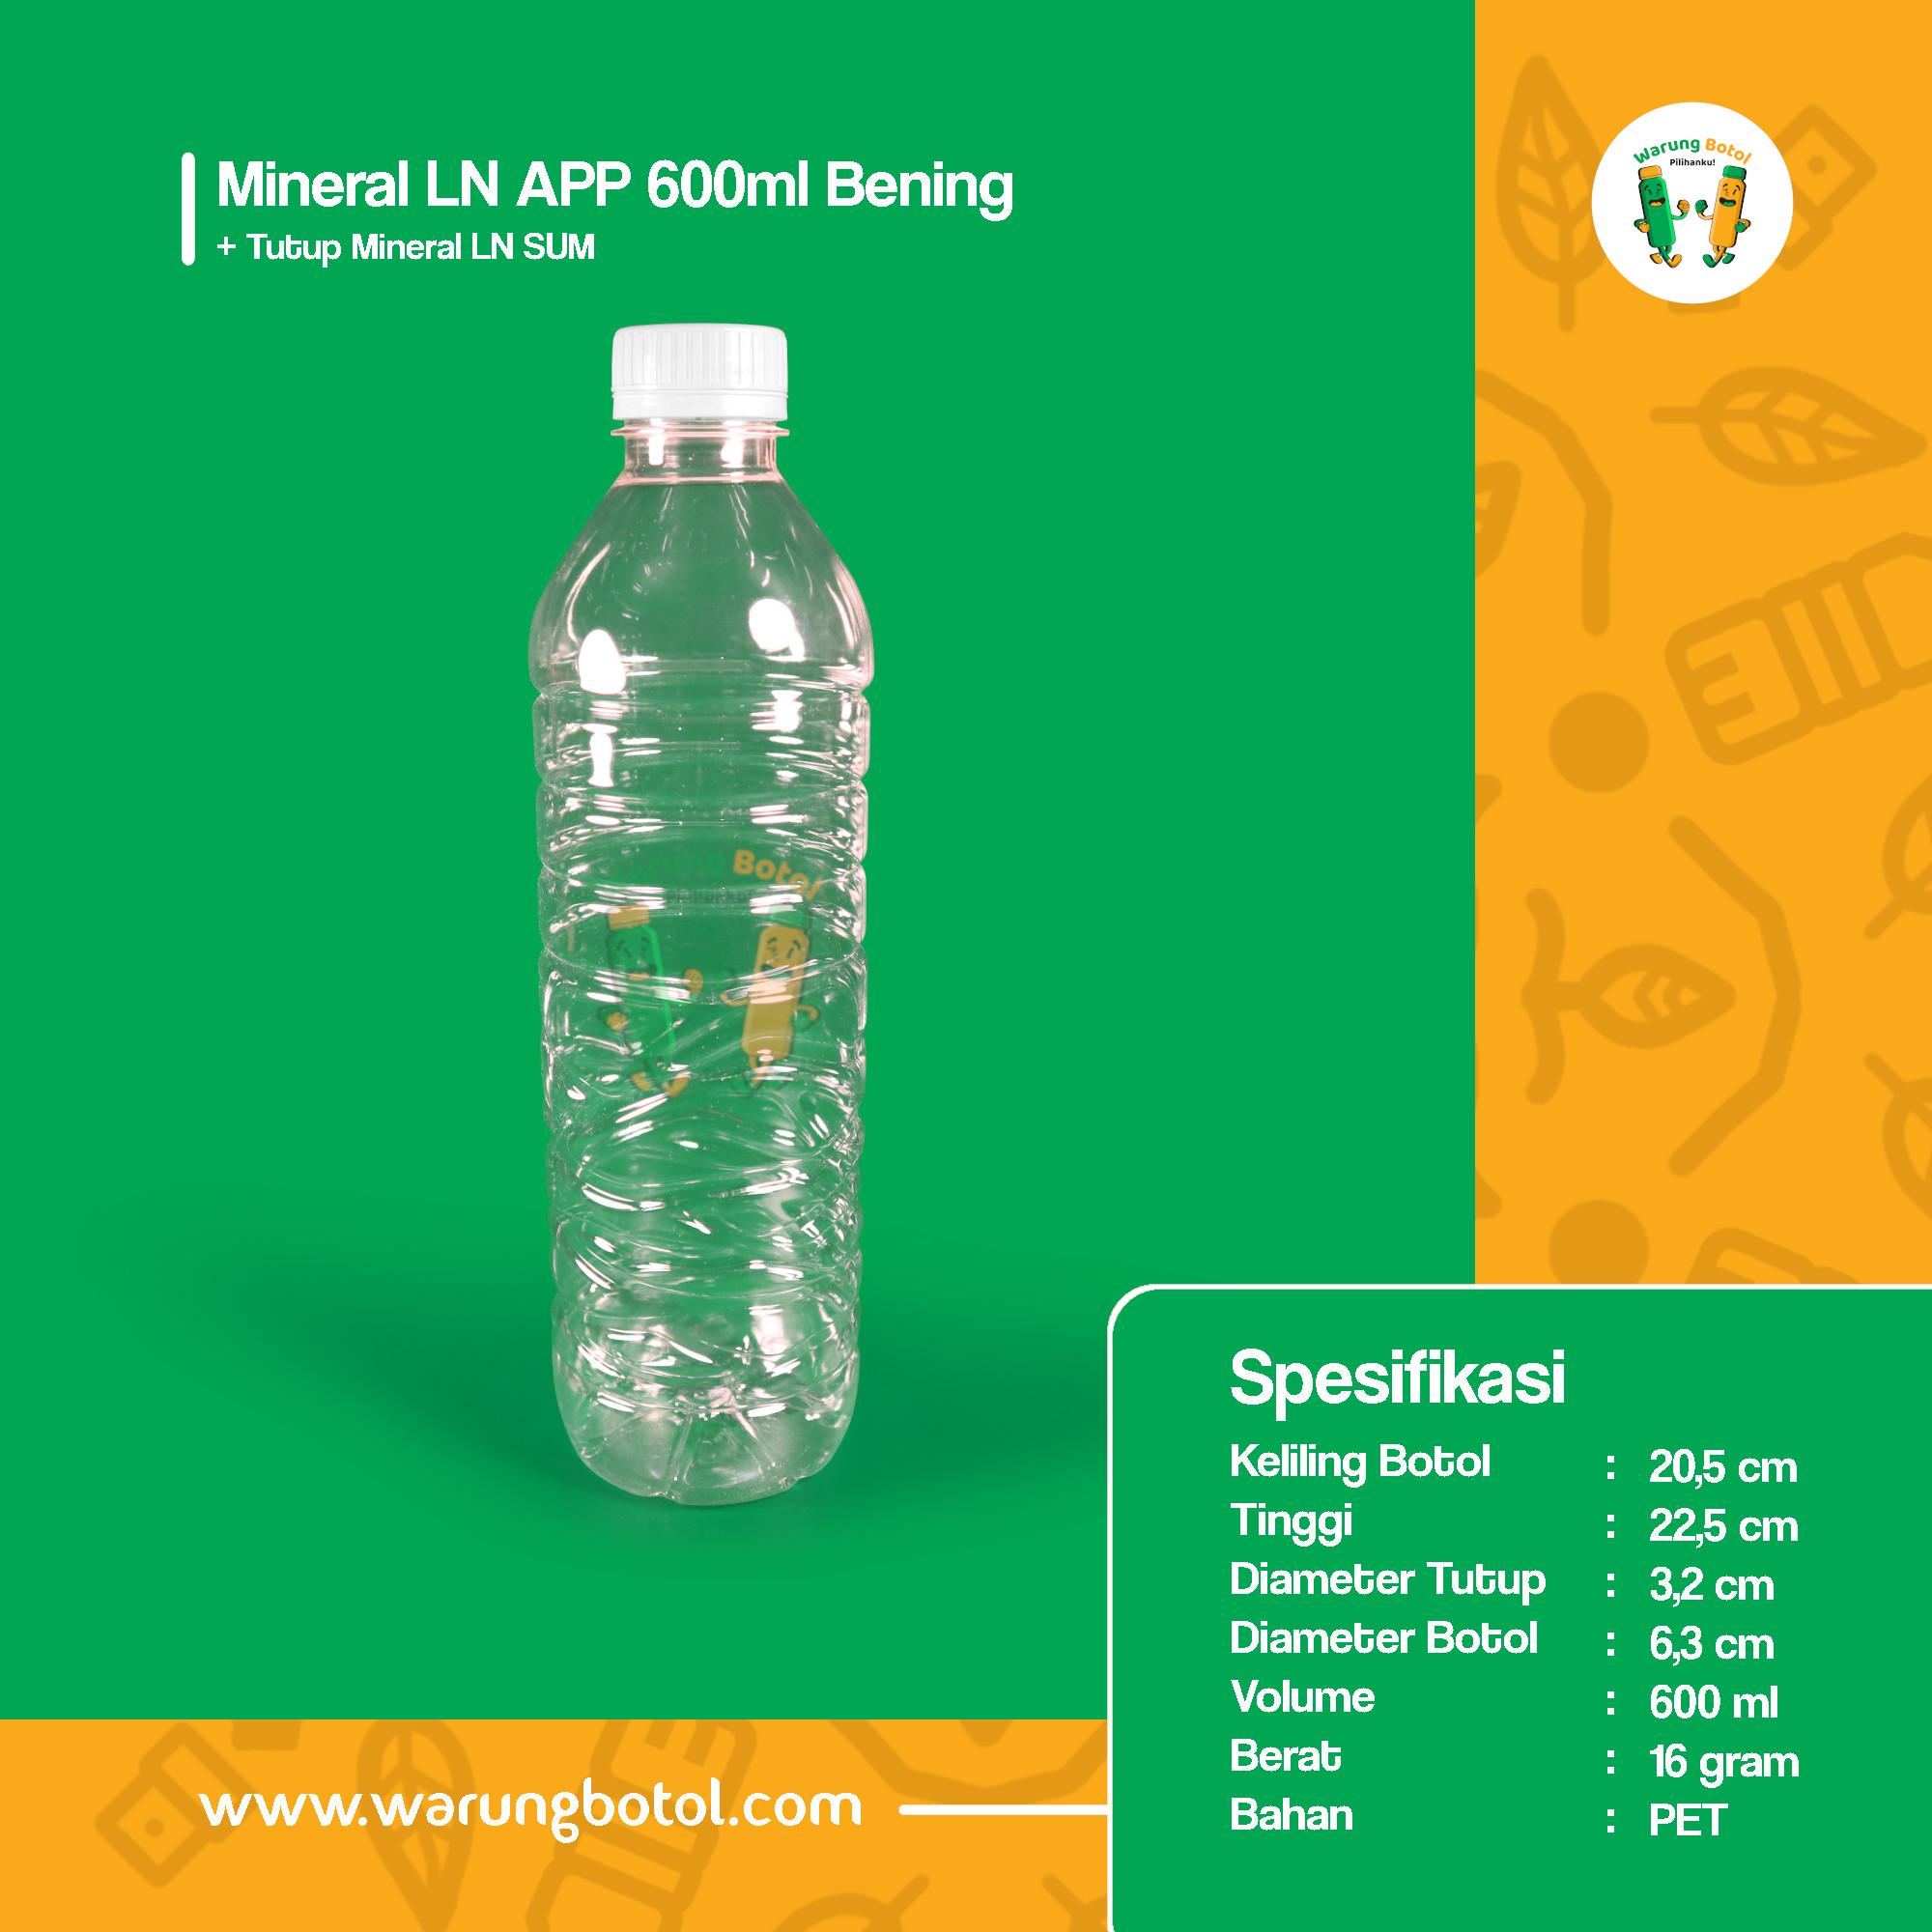 distributor jual botol plastik murah dan unik 600ml untuk jus, minuman, susu soda boba terdekat di bandung jakarta bekasi bogor